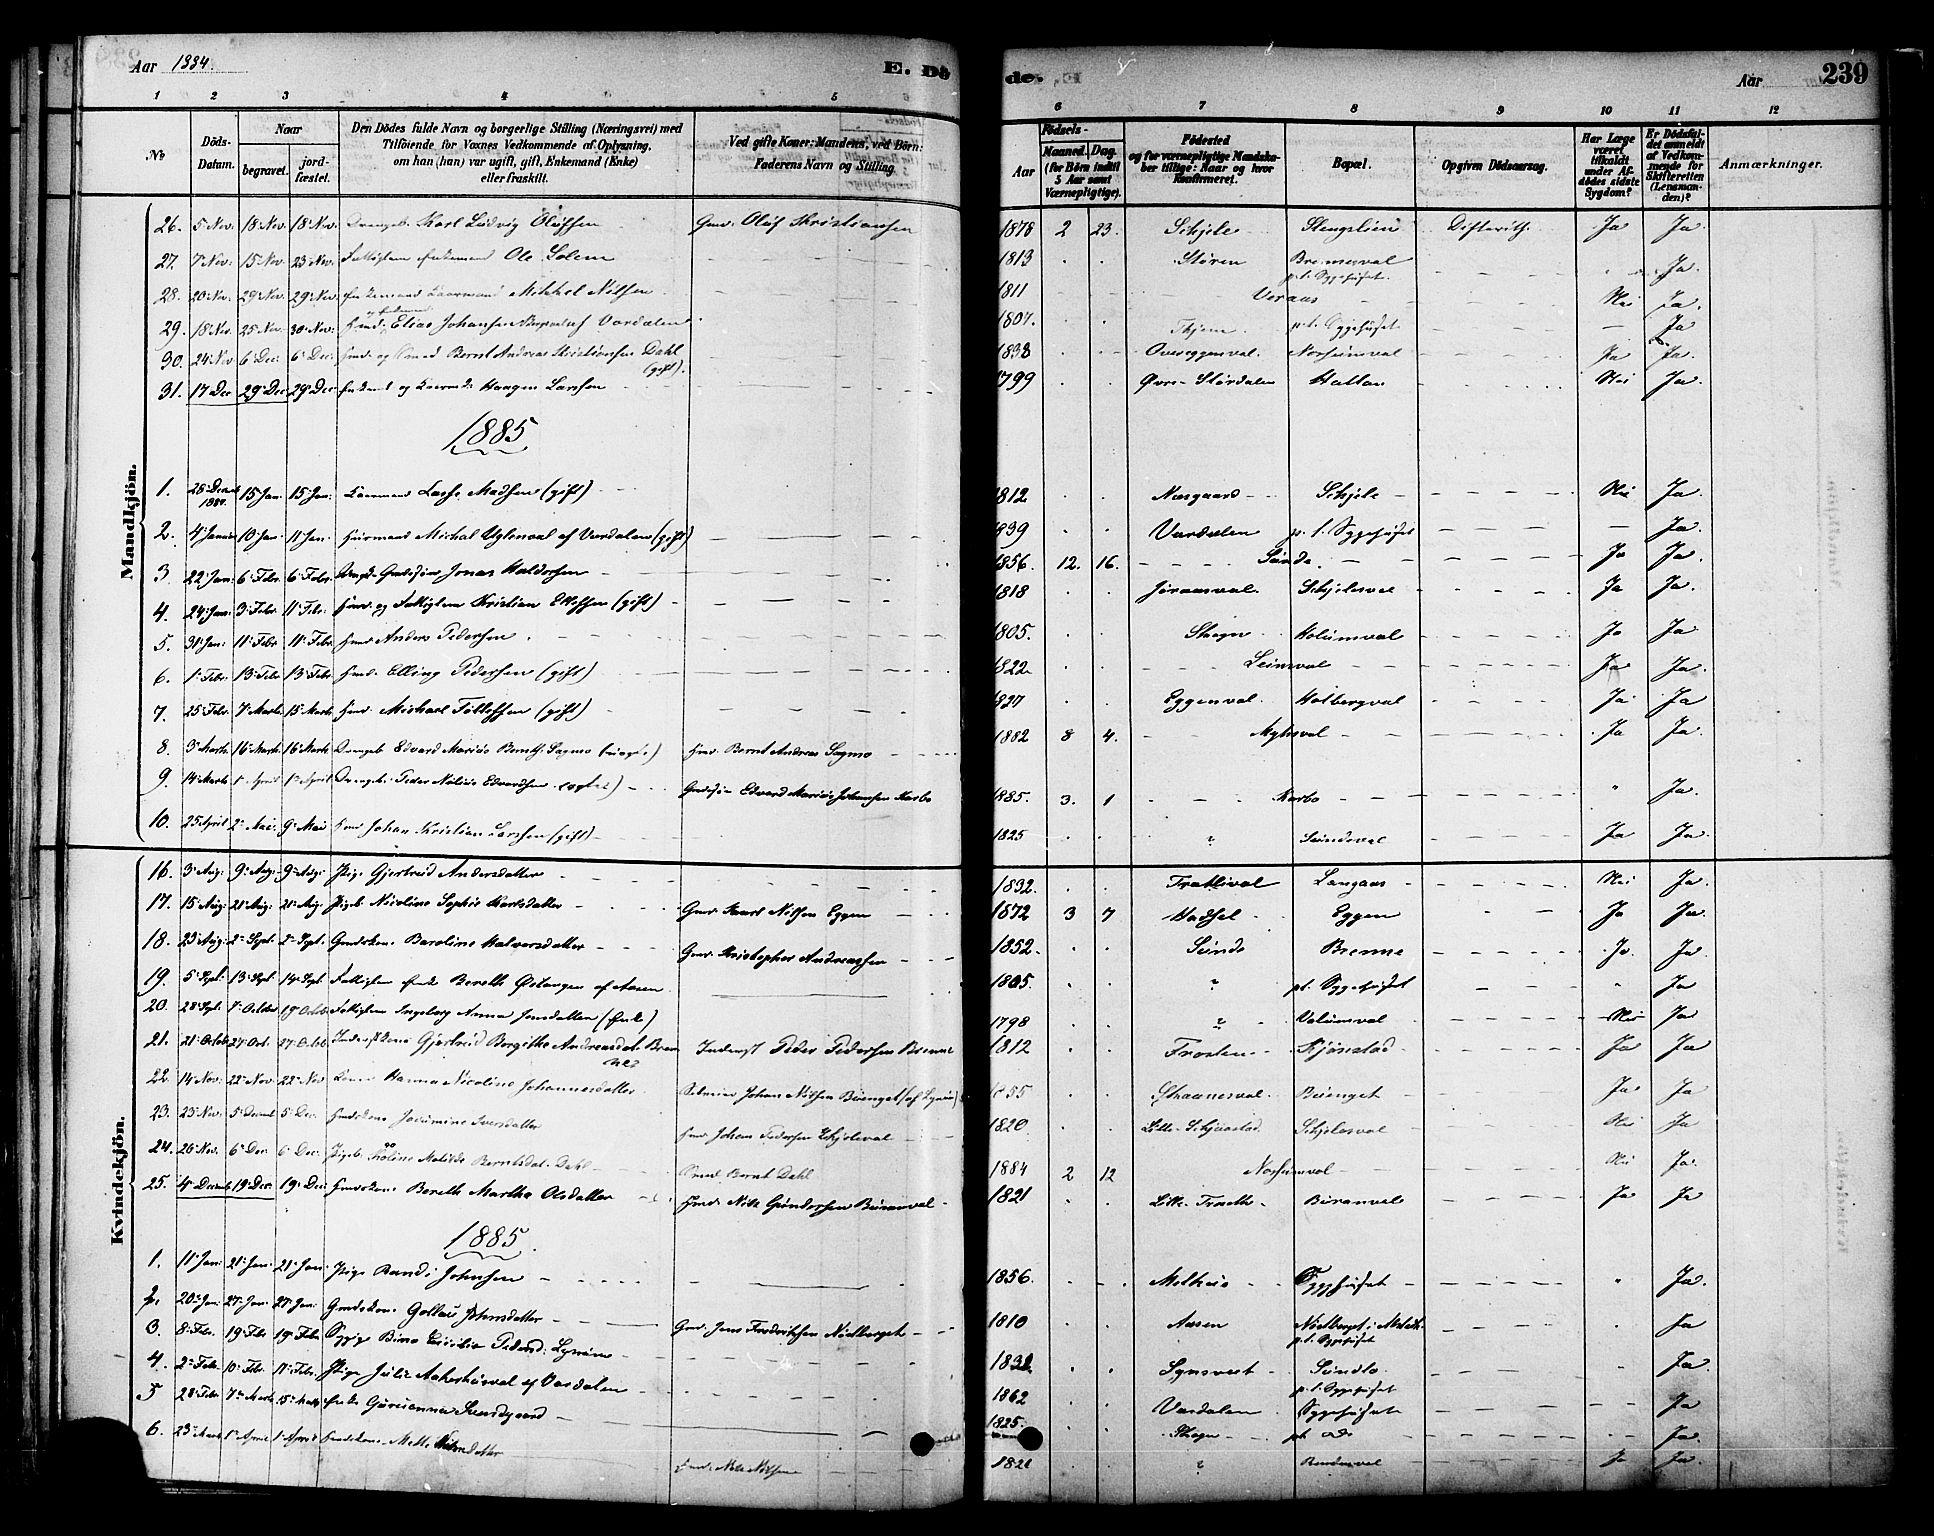 SAT, Ministerialprotokoller, klokkerbøker og fødselsregistre - Nord-Trøndelag, 717/L0159: Ministerialbok nr. 717A09, 1878-1898, s. 239